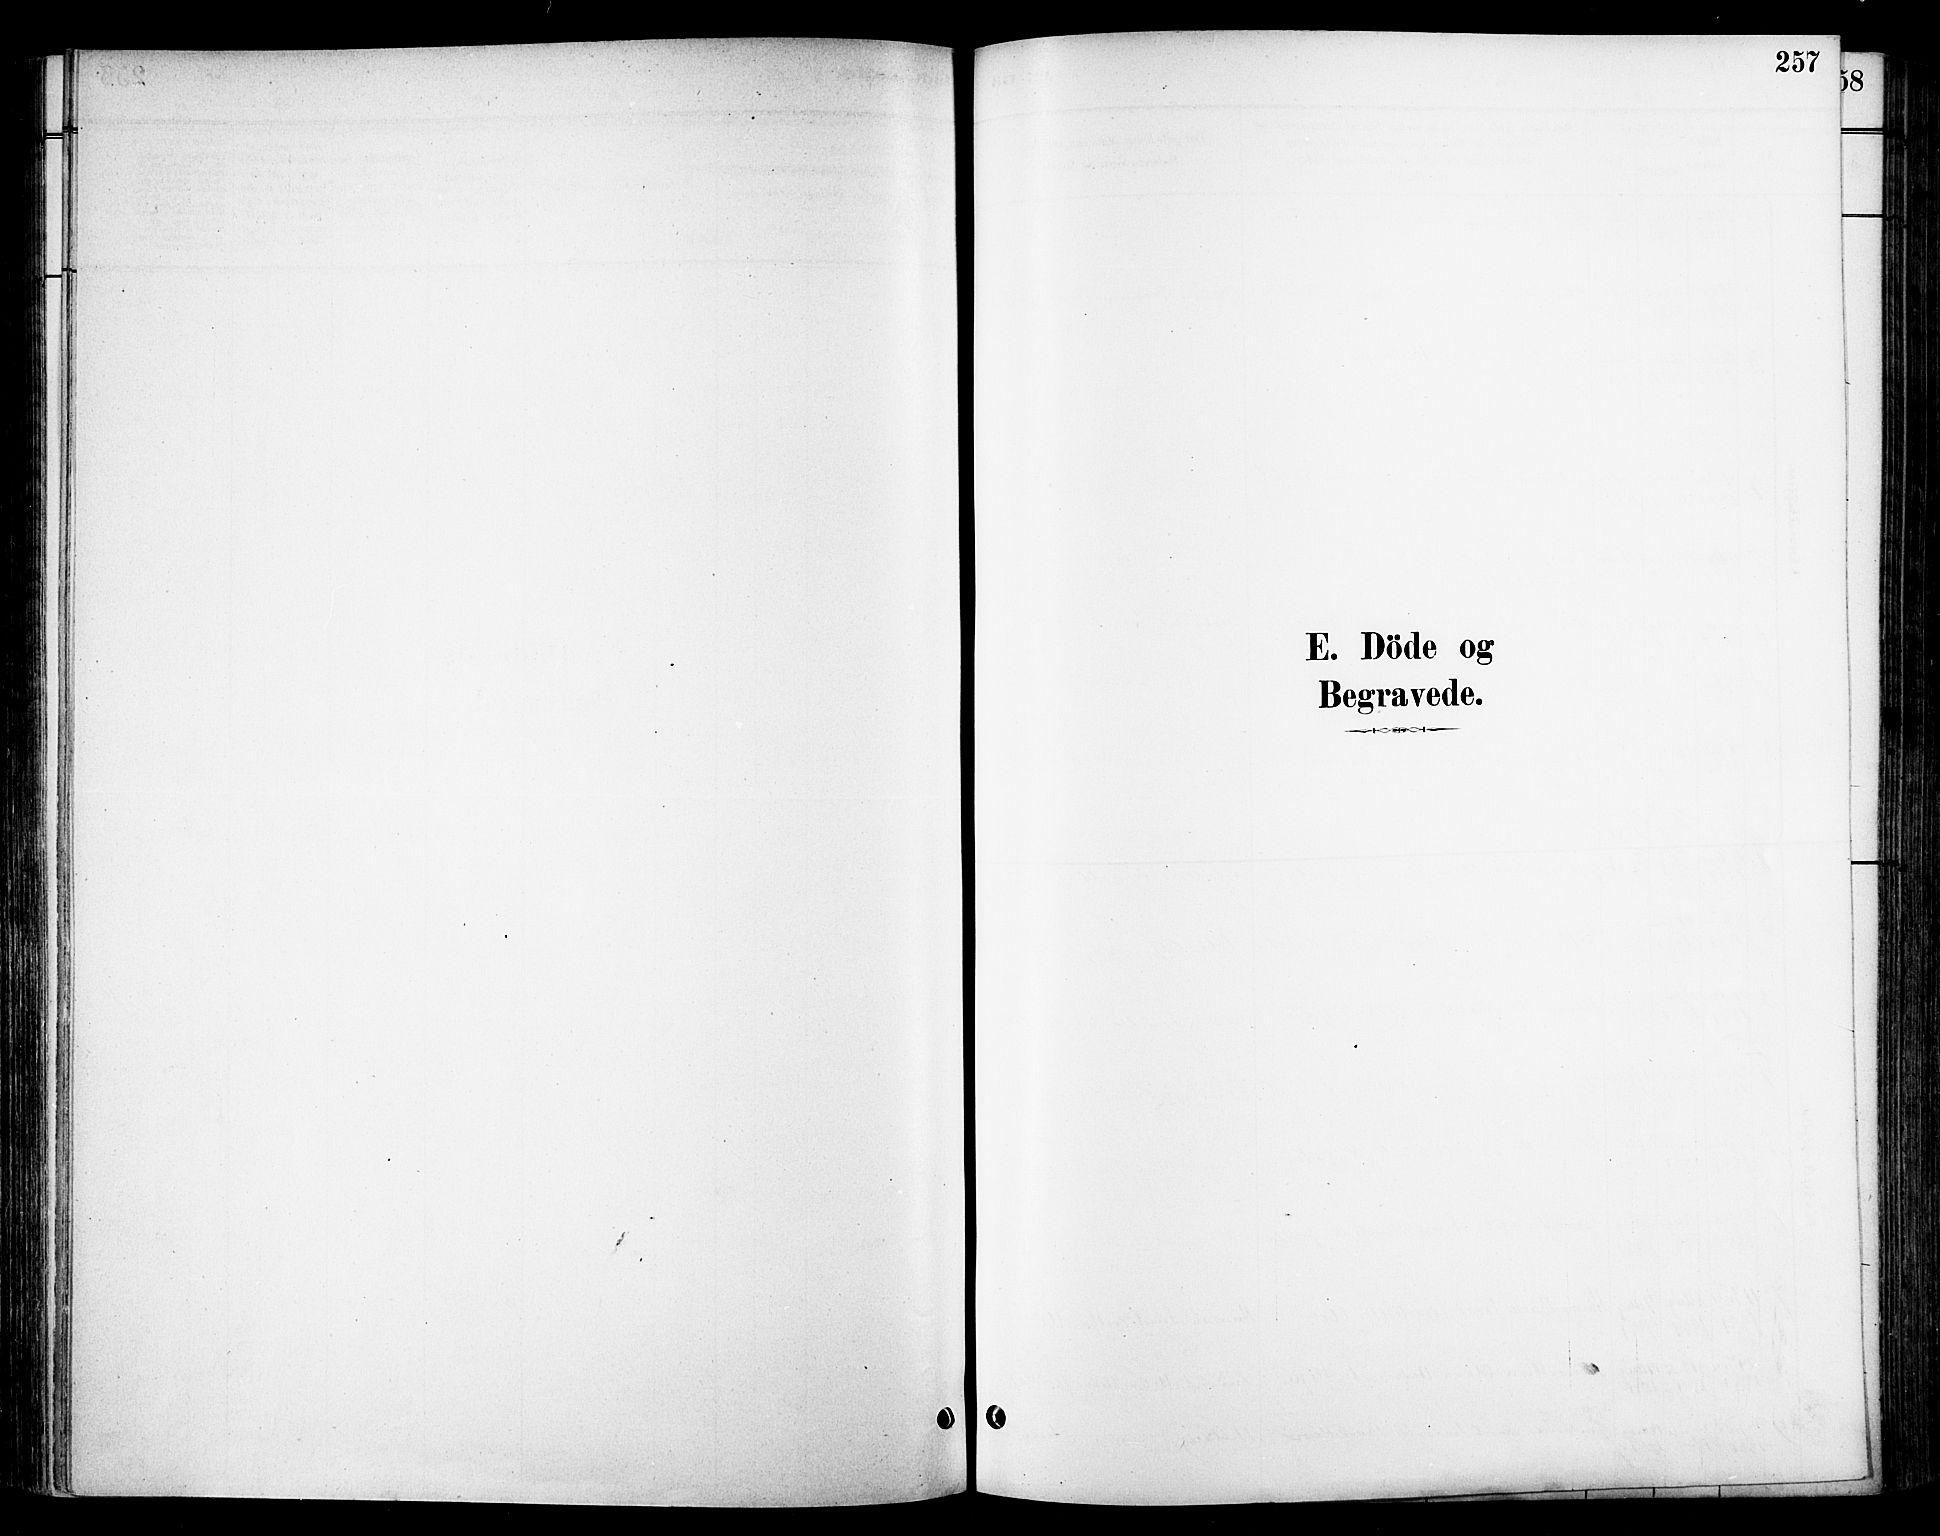 SAT, Ministerialprotokoller, klokkerbøker og fødselsregistre - Sør-Trøndelag, 678/L0901: Ministerialbok nr. 678A10, 1881-1894, s. 257